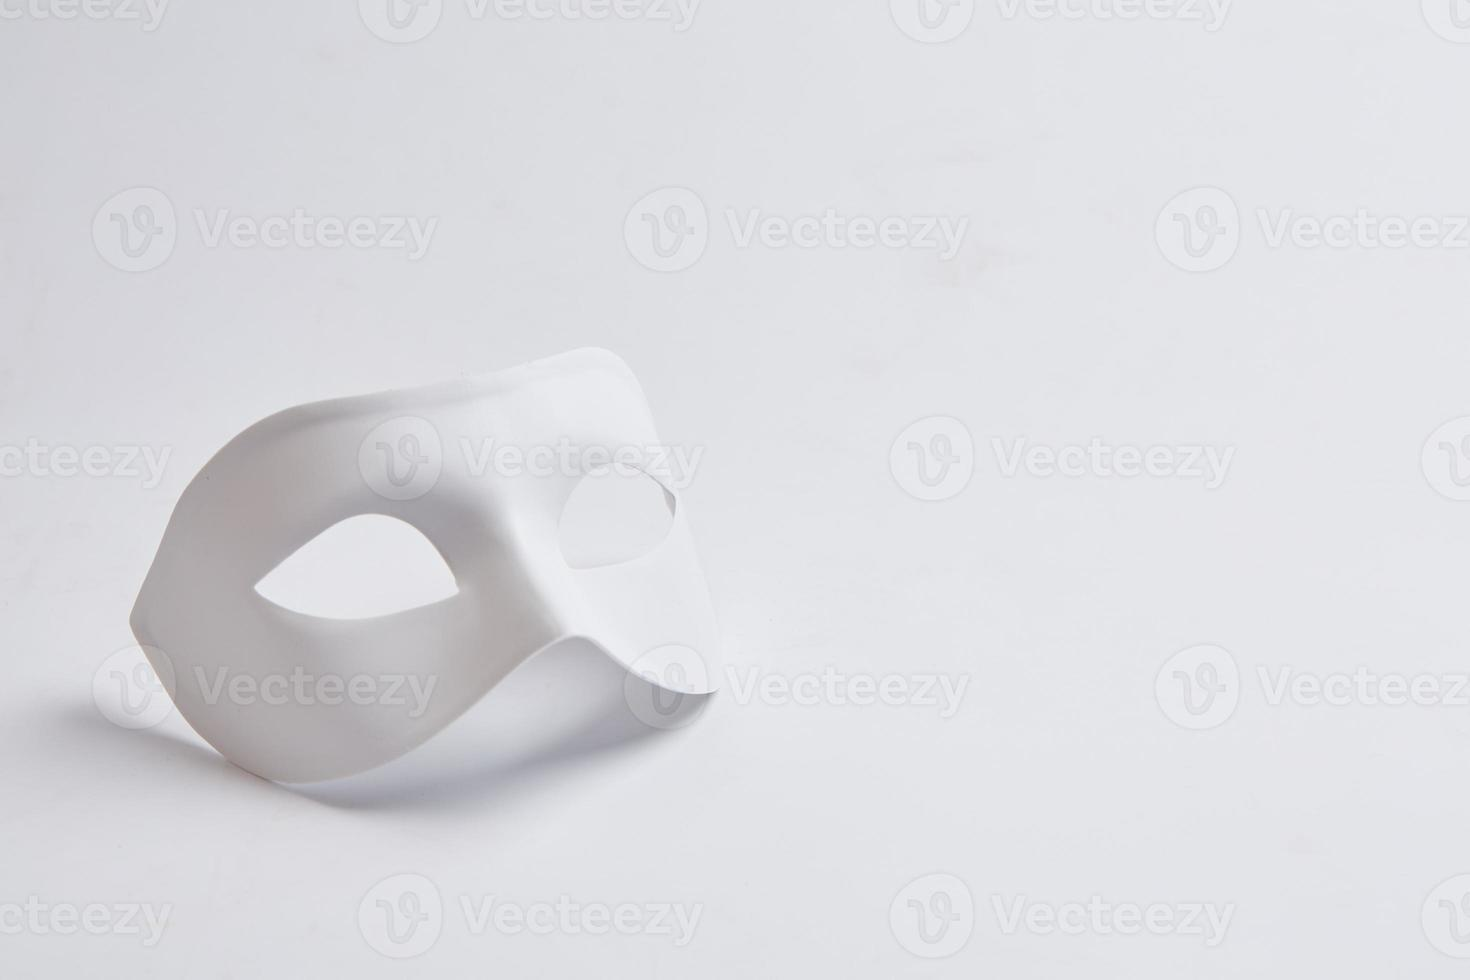 wit Venetiaans masker op een witte achtergrond foto